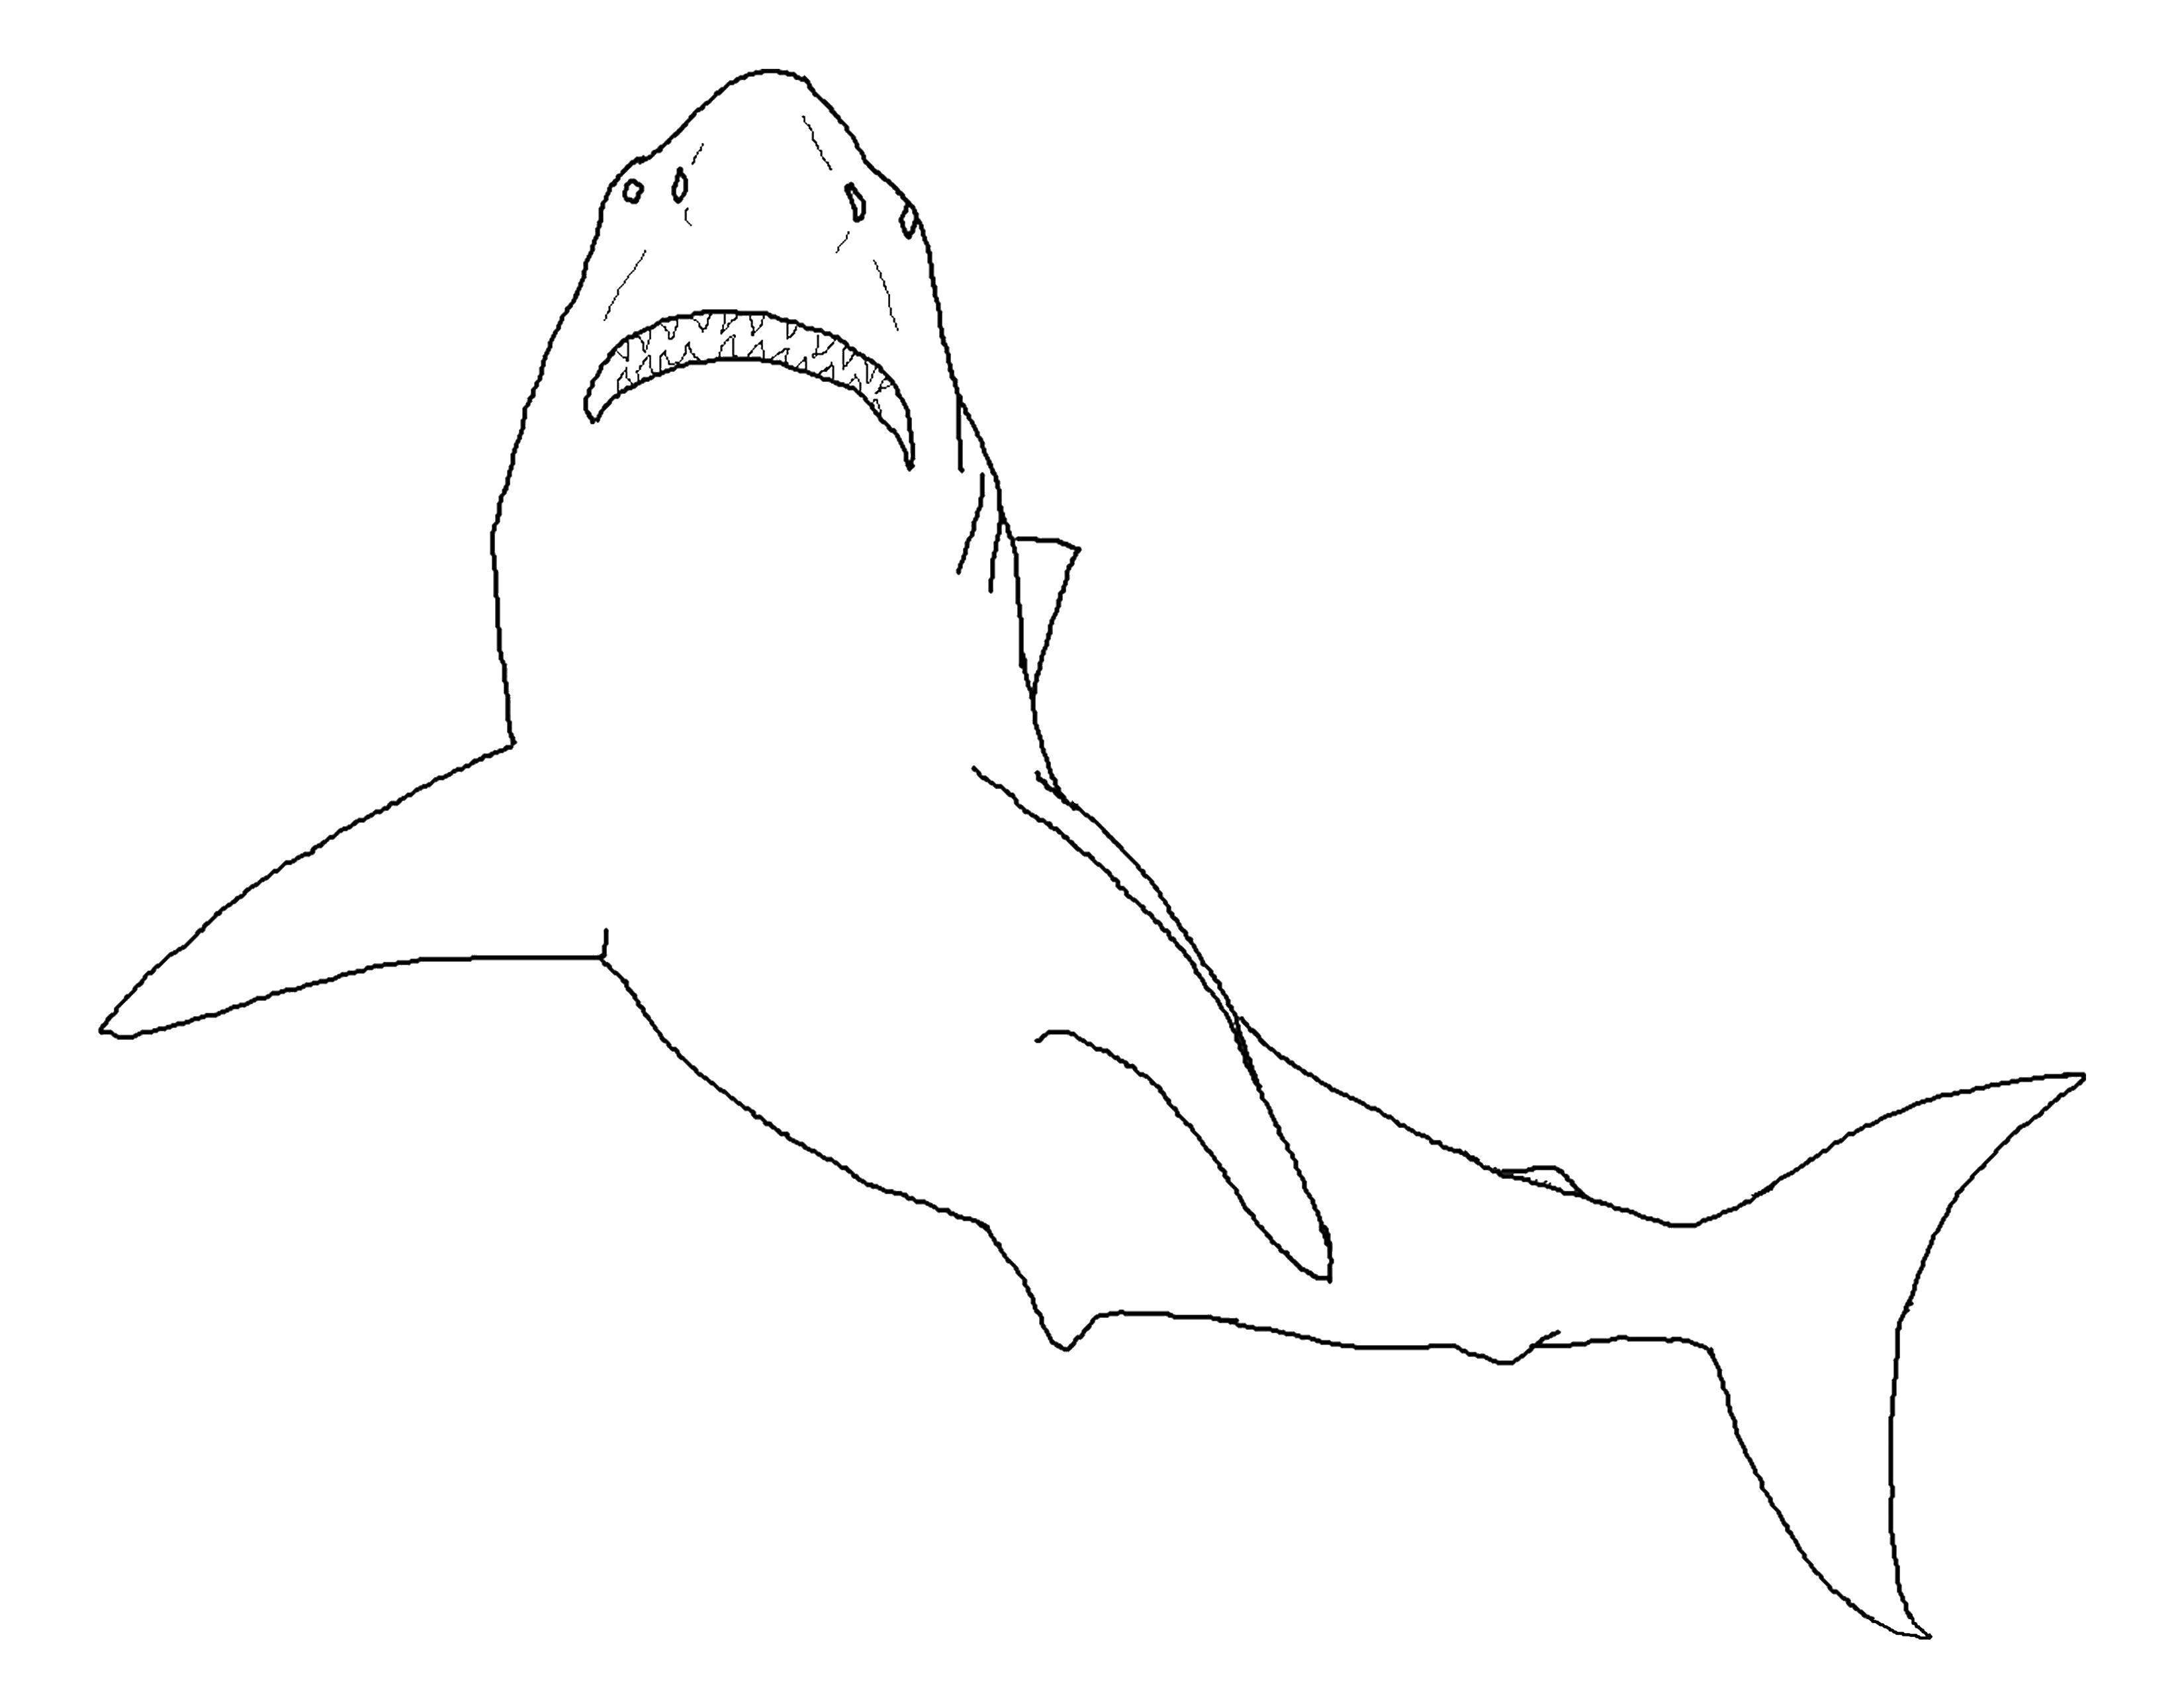 Раскраска Шаблон акулы для вырезания Скачать ,акула, контур,.  Распечатать